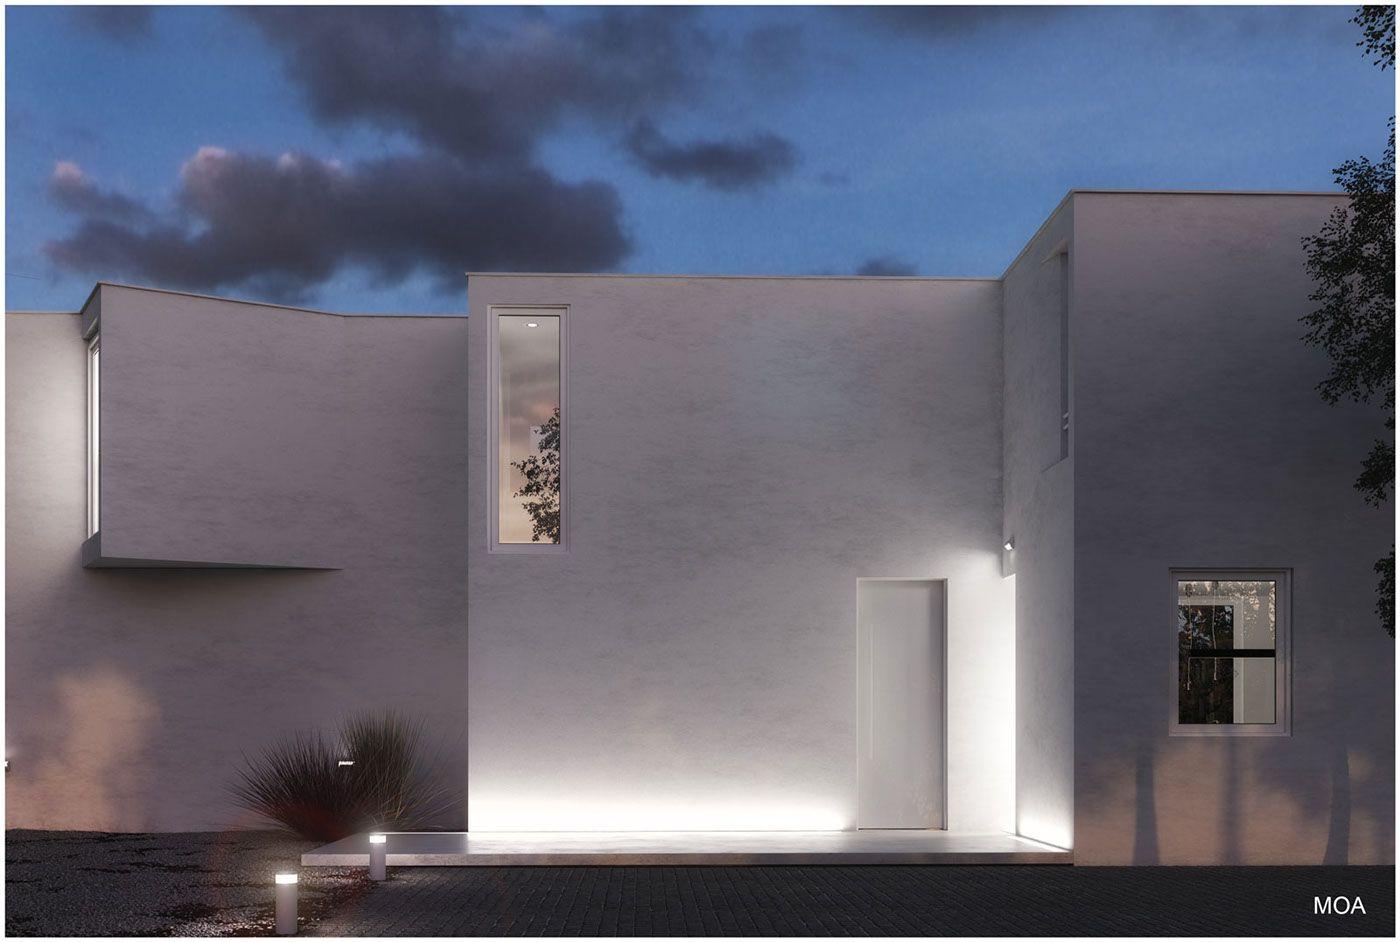 Casa Pietro - MOA on Behance